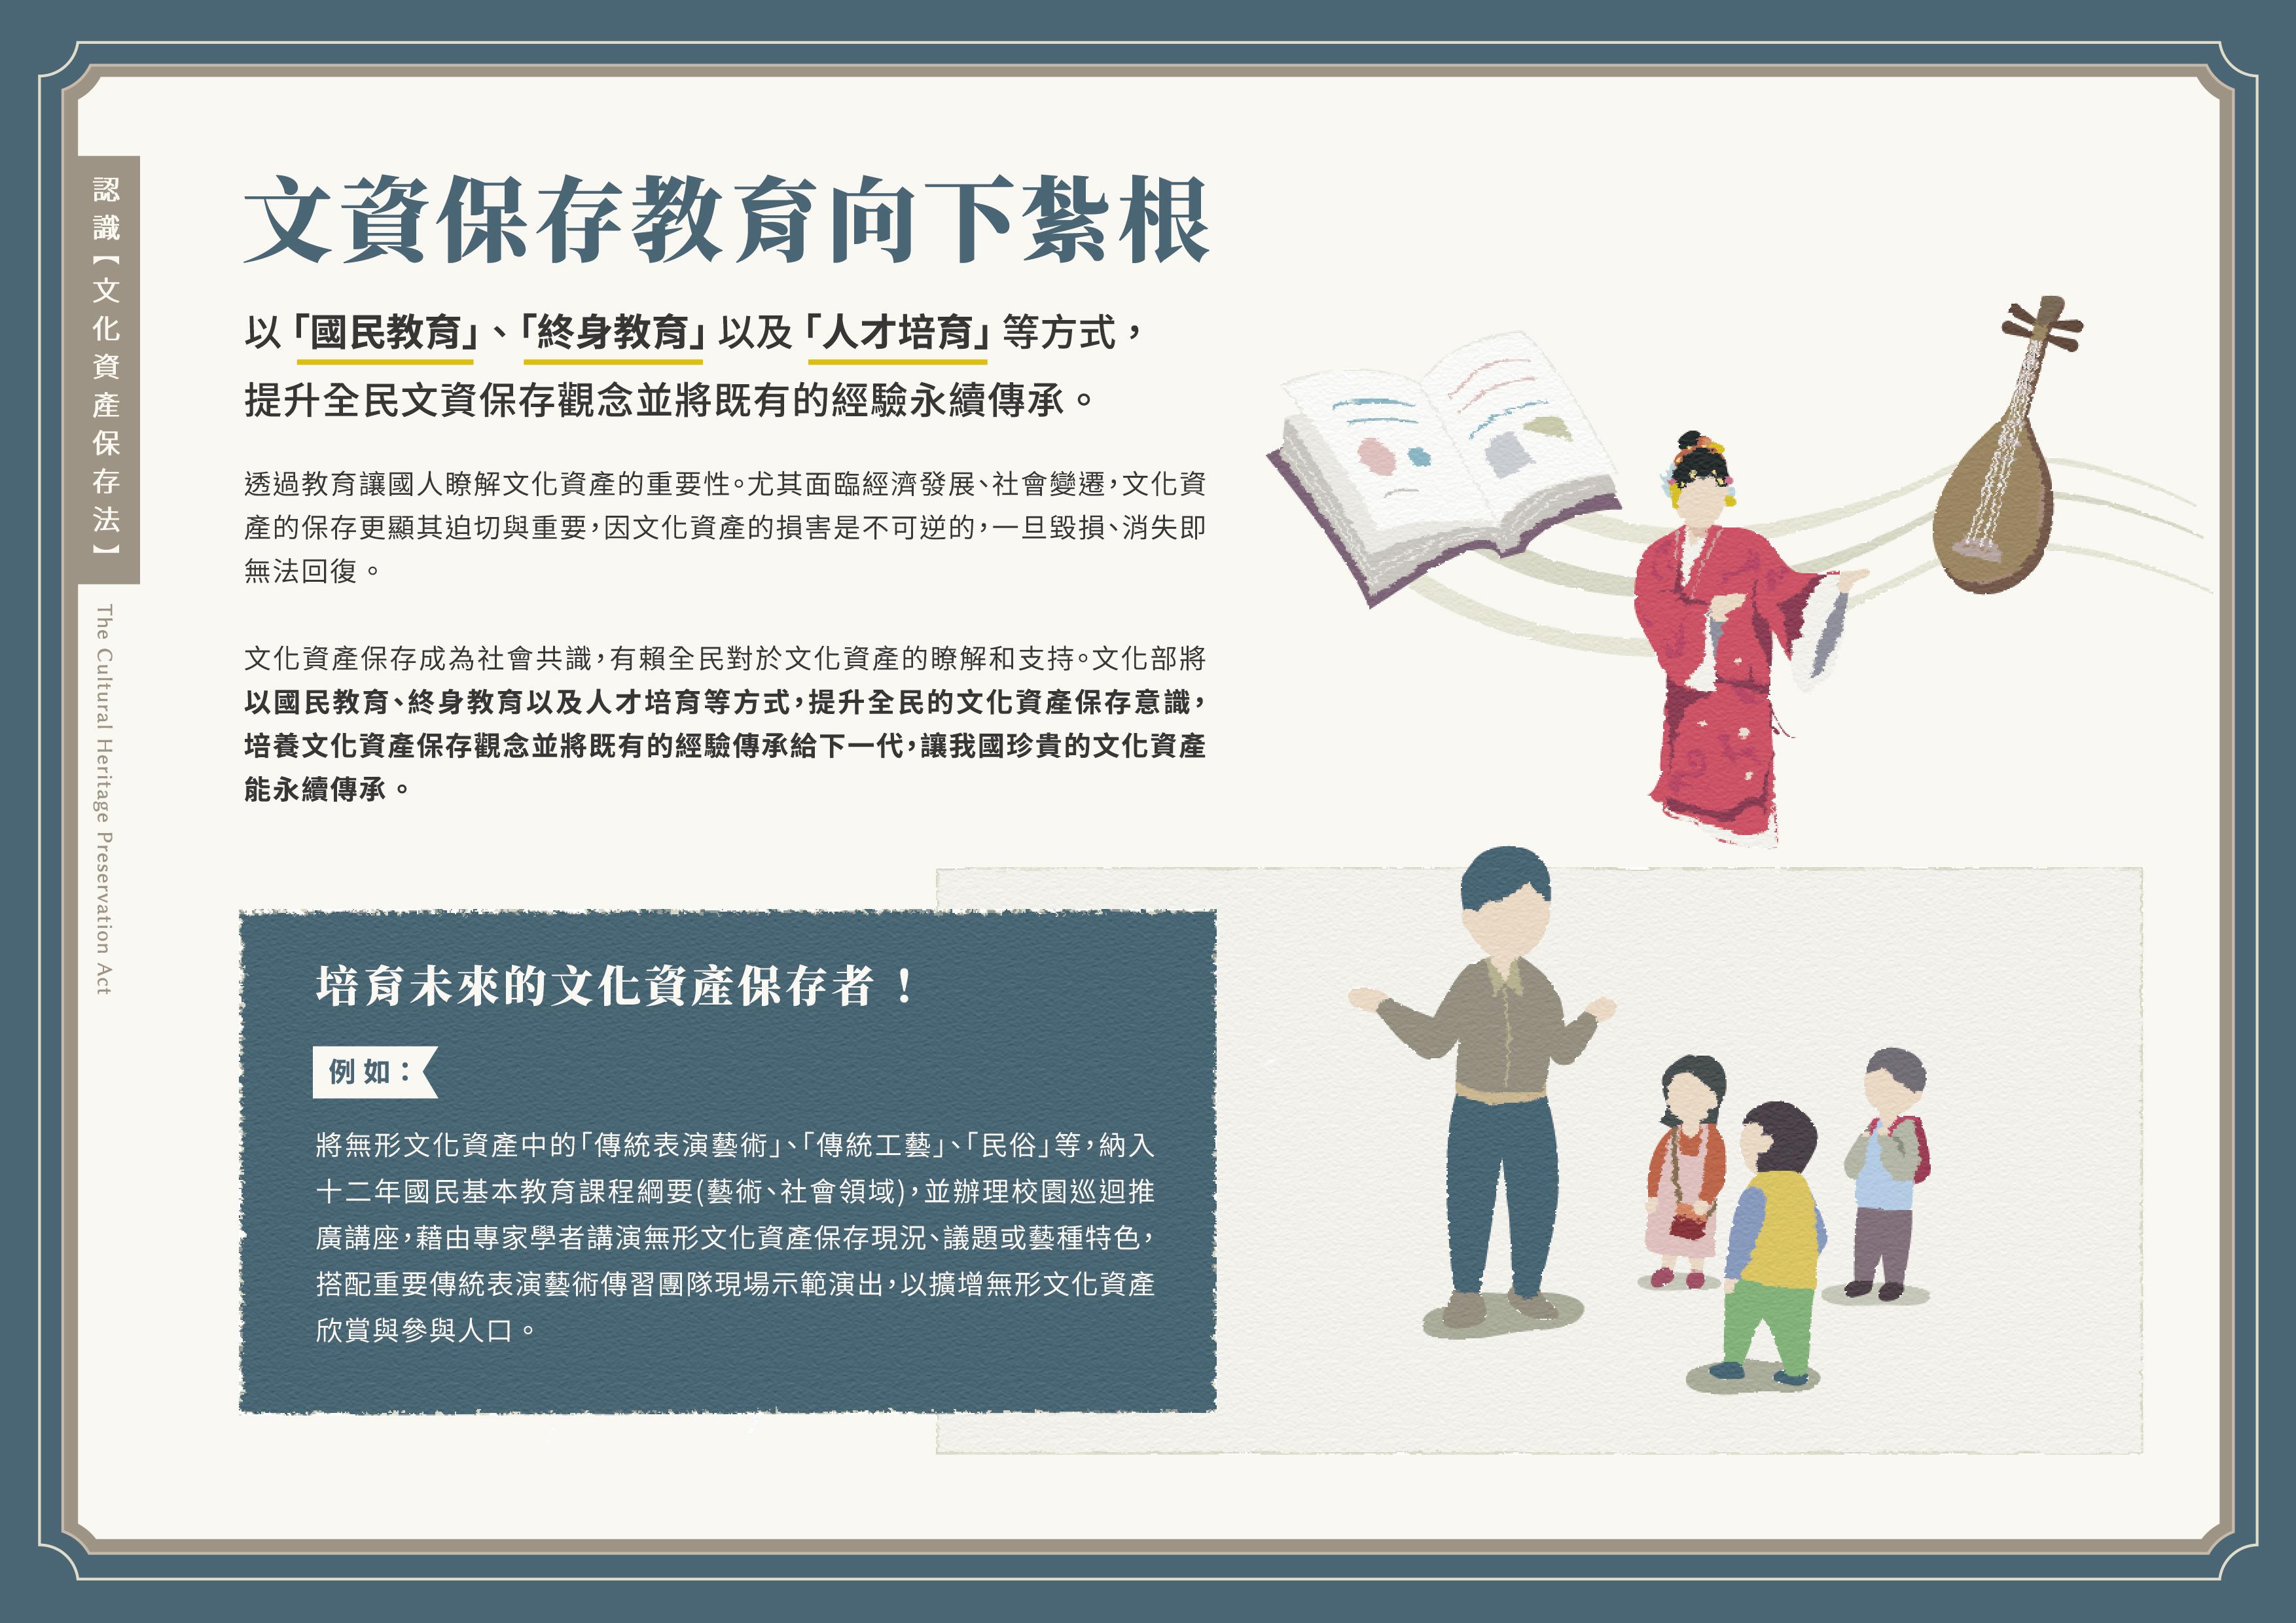 認識文化資產保存法_P4.jpg